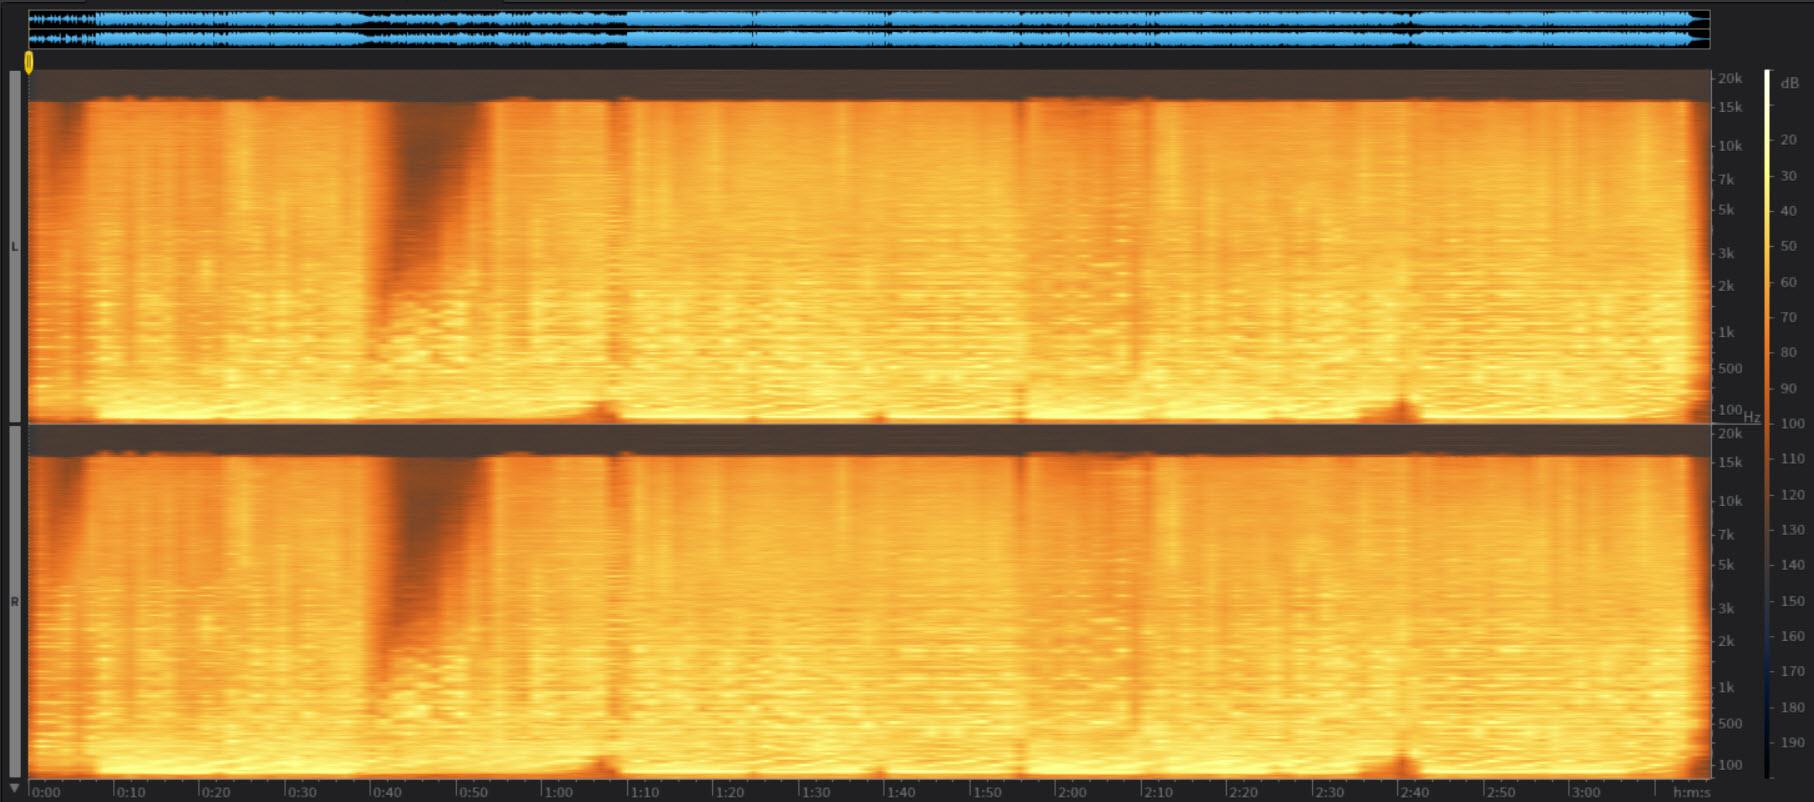 David Guetta original spettrogramma.jpg